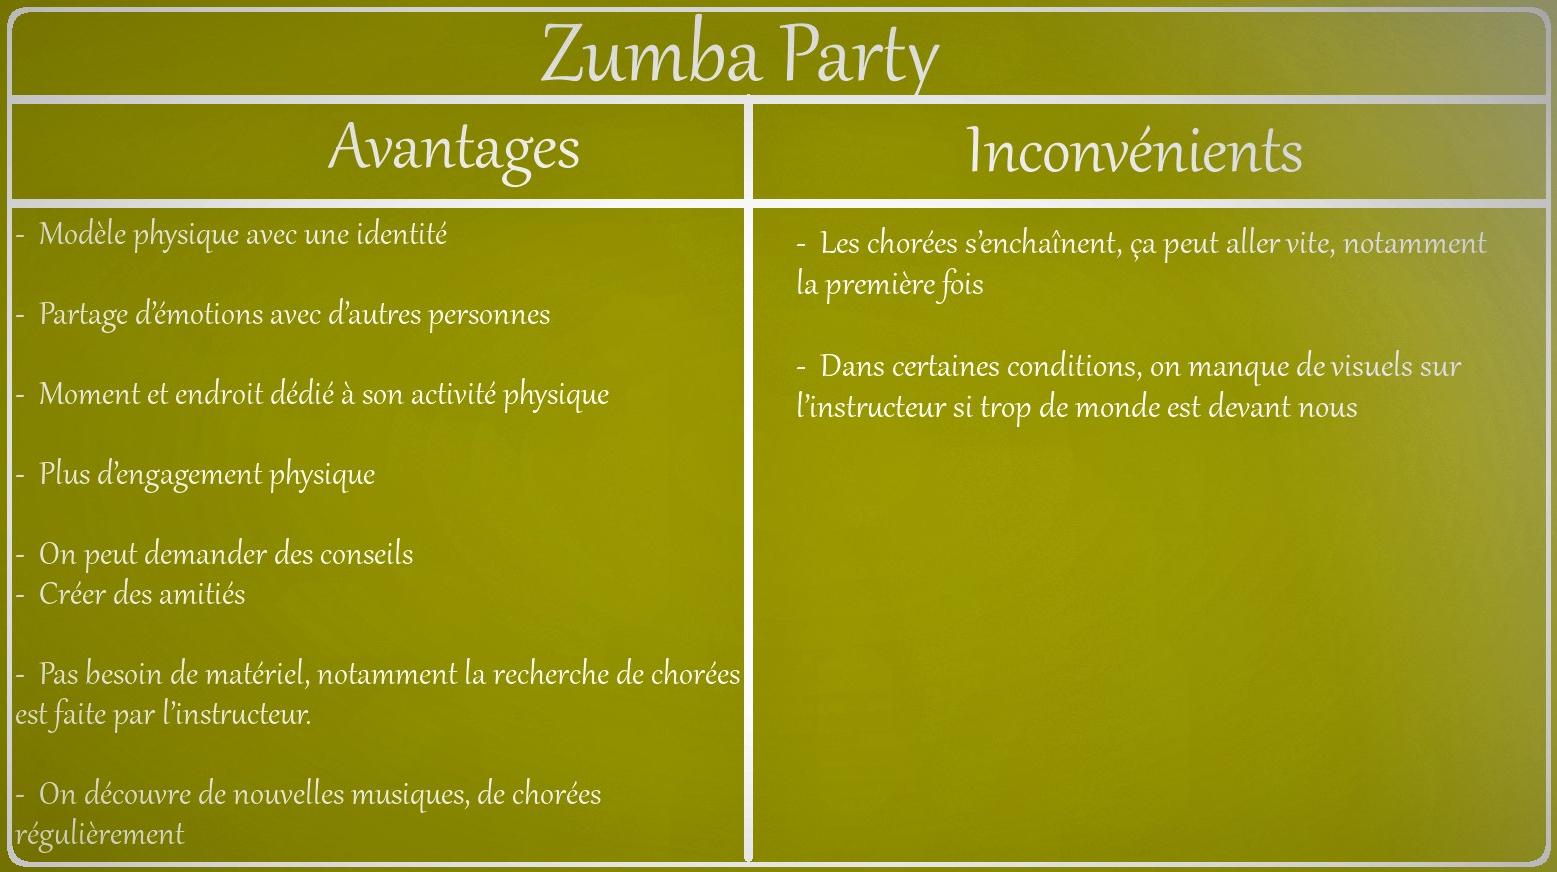 Zumba Party avantages et inconvénients